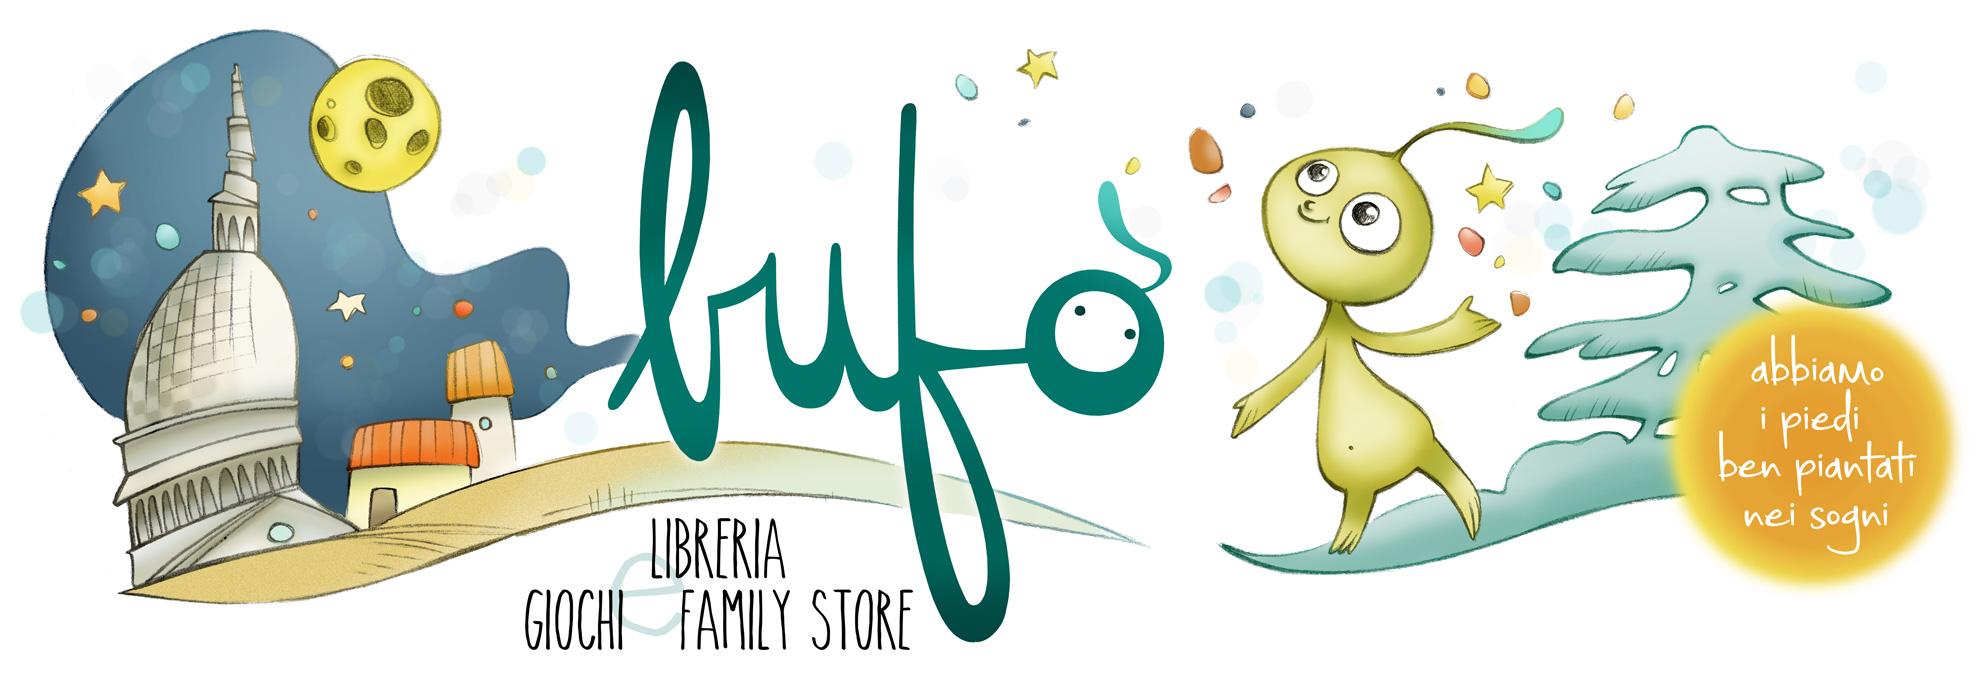 Libreria Bufò